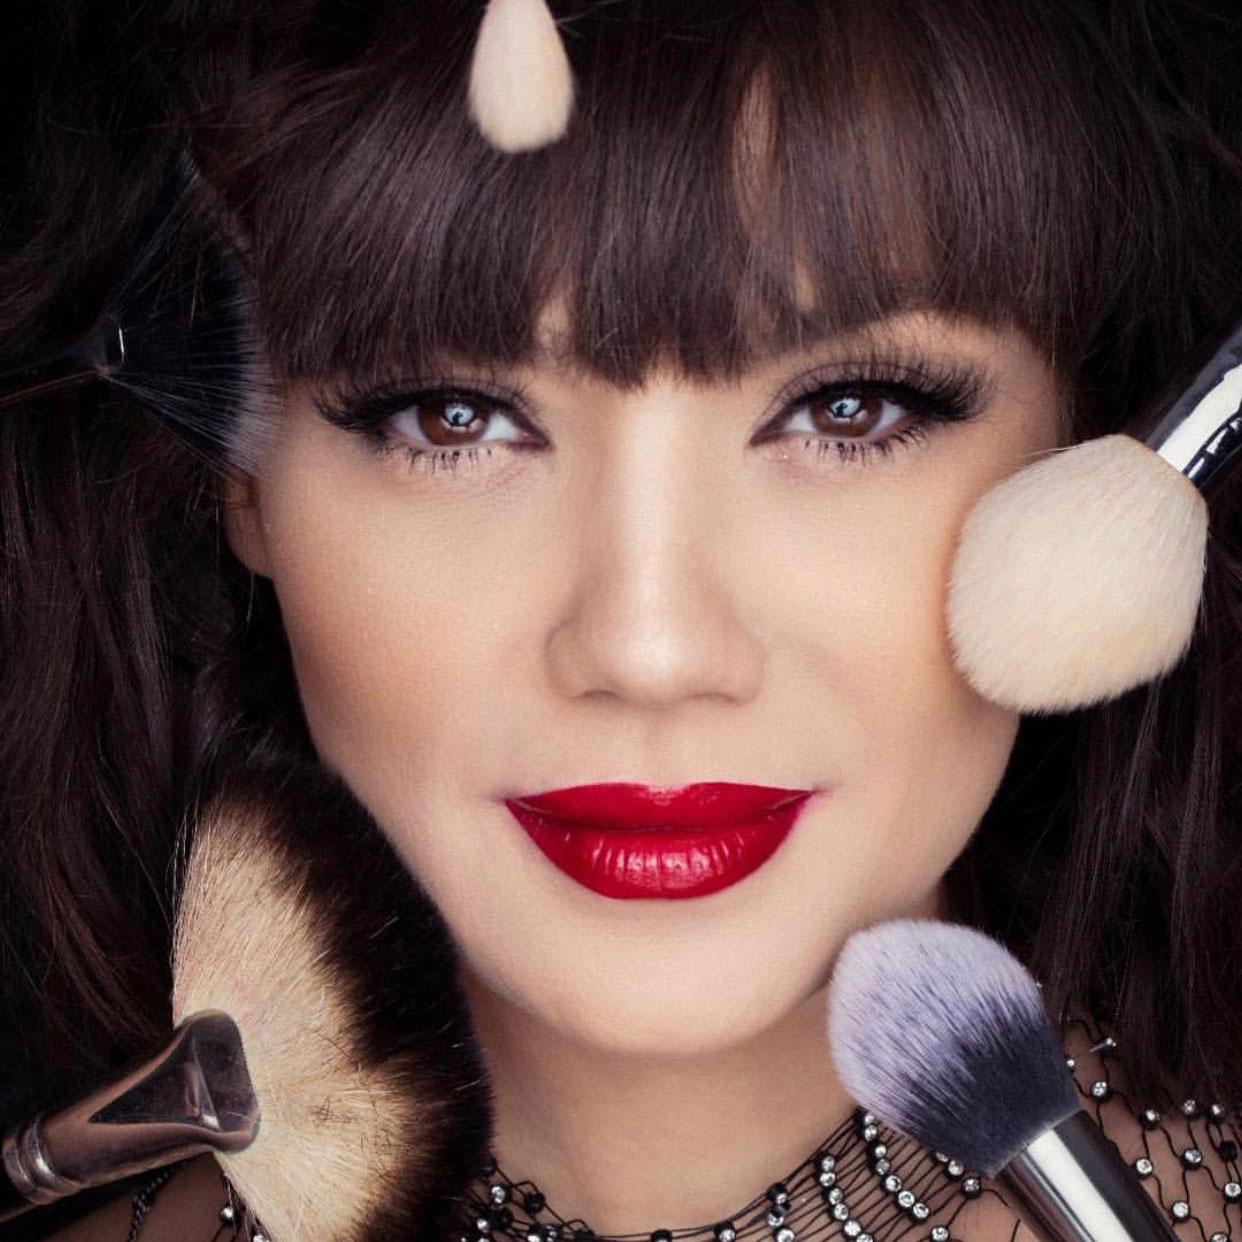 VIDEO: Make-up Make-over 5